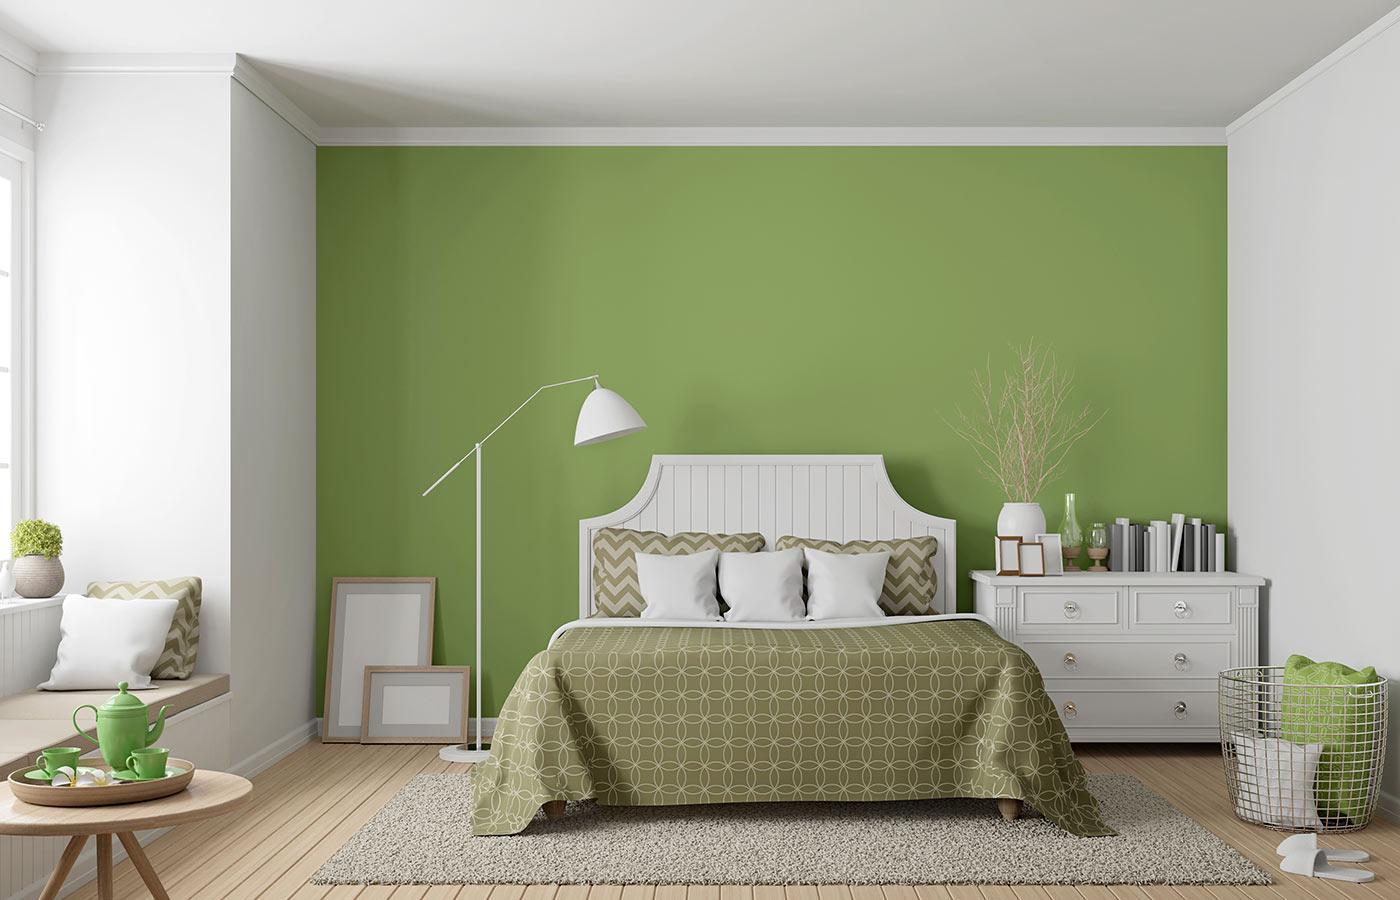 Idee Per Tinteggiare Le Pareti.Guida Alla Scelta Dei Colori Per Tinteggiare Casa Man Casa